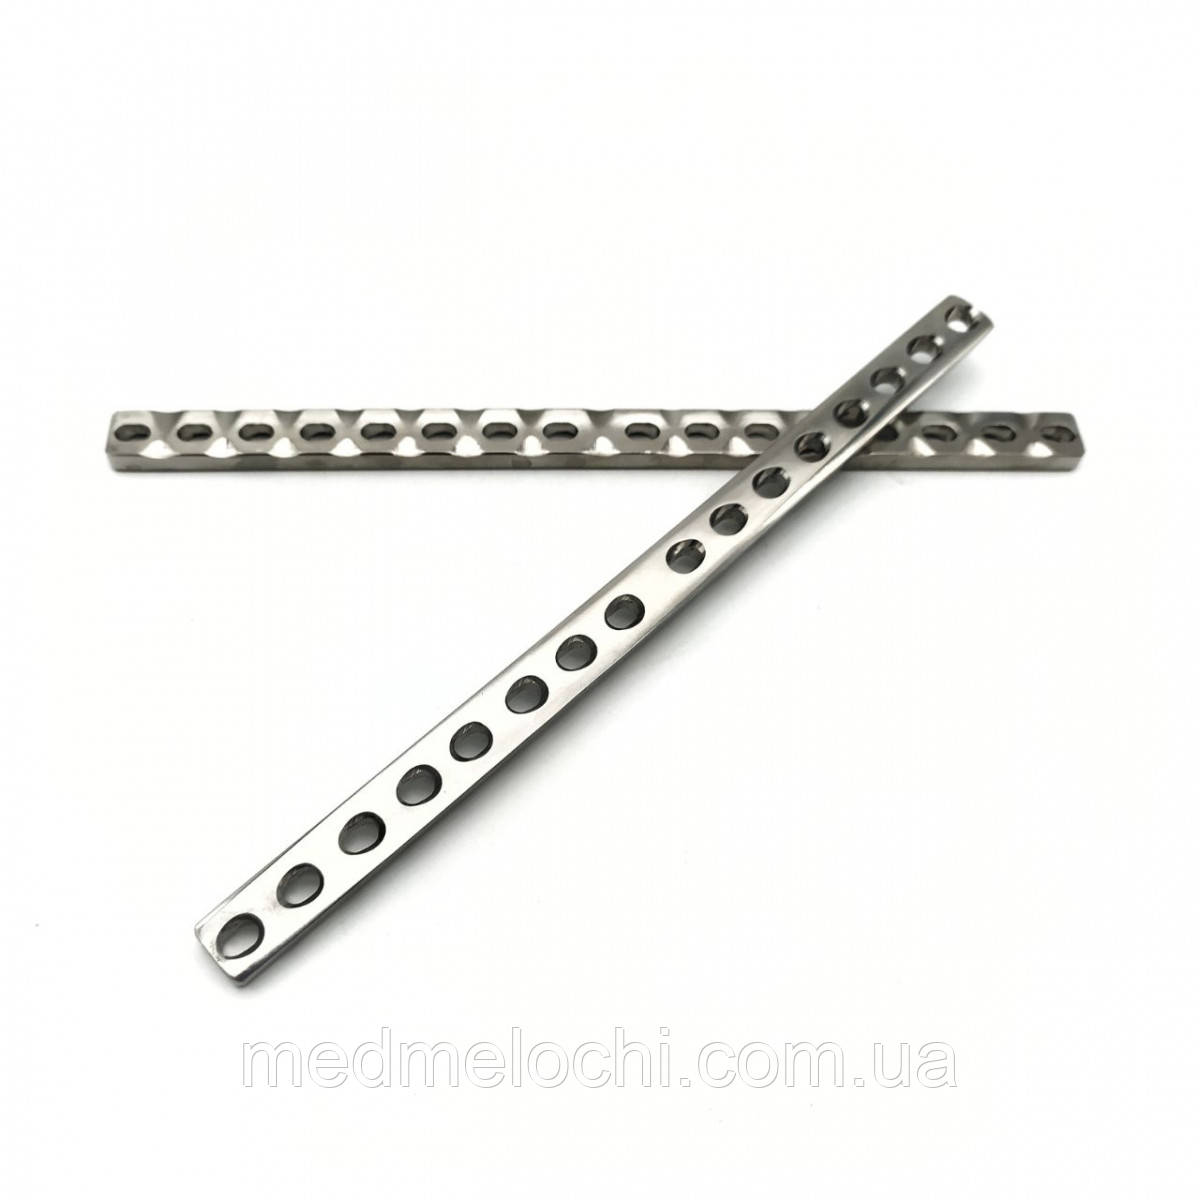 Пластина пряма LC-DCP L = 194, D = 3,5 мм, 16 отв, Т - 5 мм, Ш -12 мм.